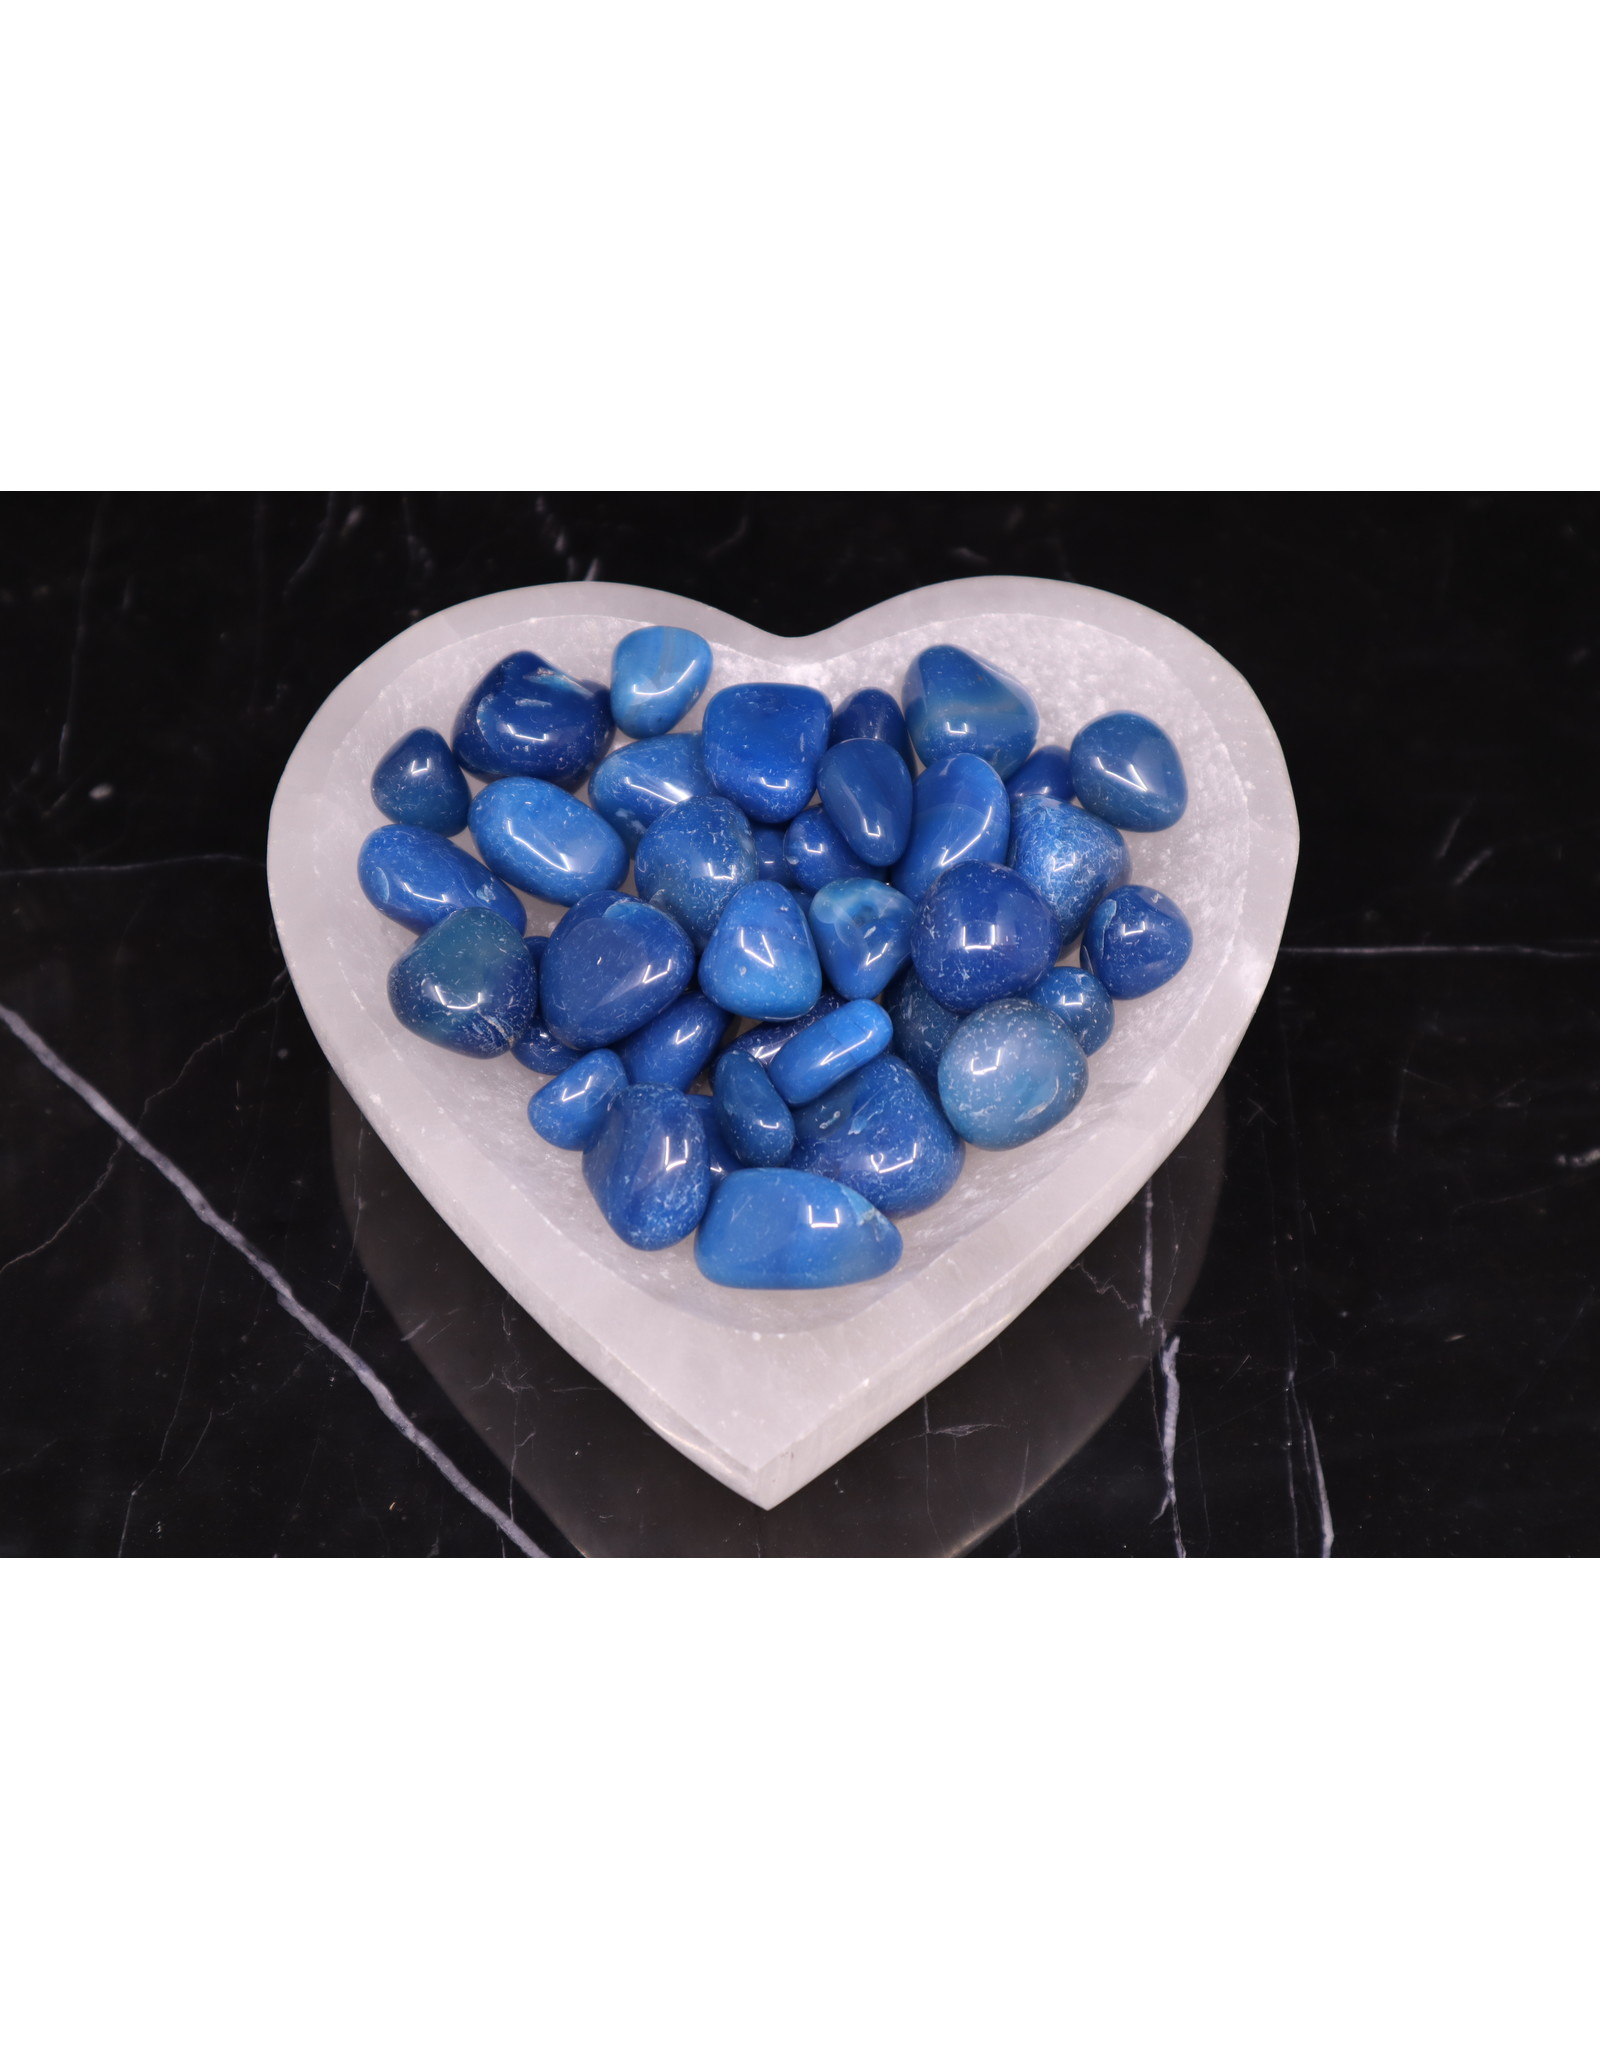 Blue Onyx - Tumbled